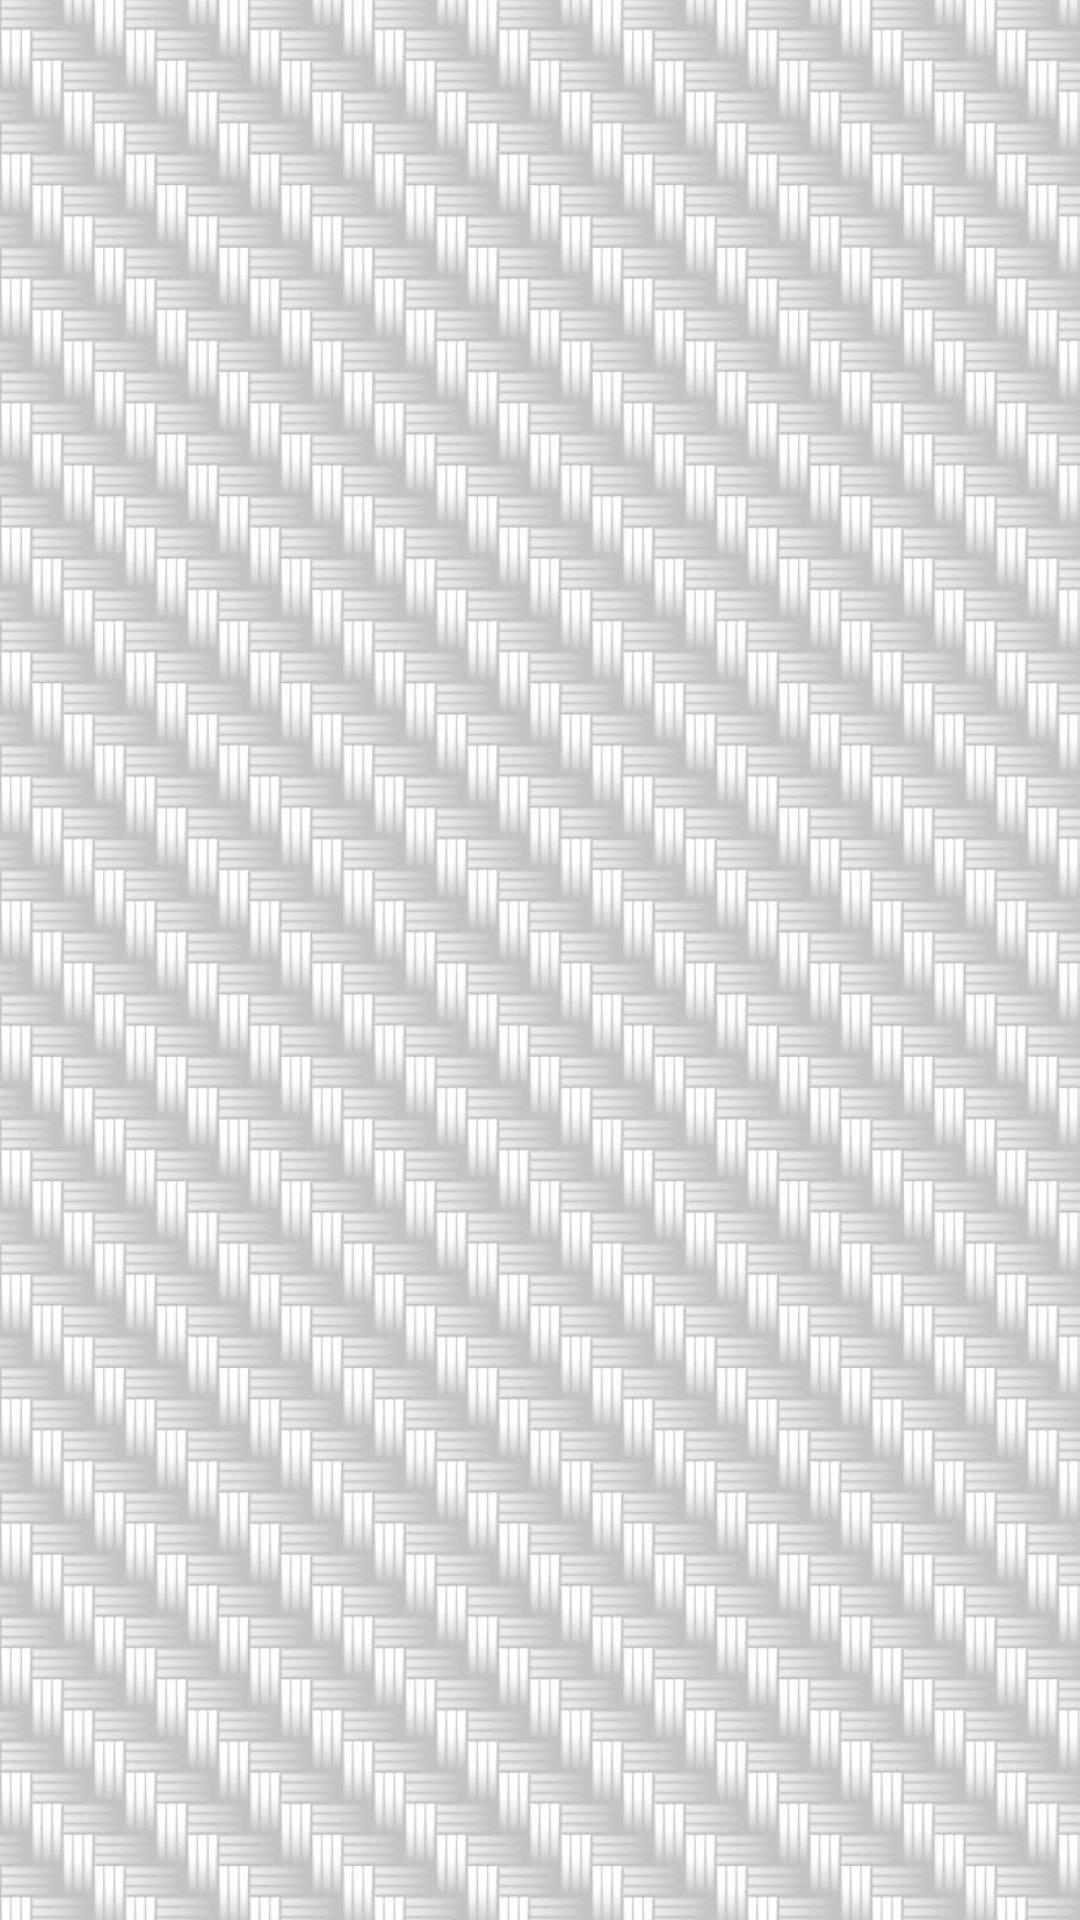 carbon fiber iphone wallpaper hd | pixelstalk